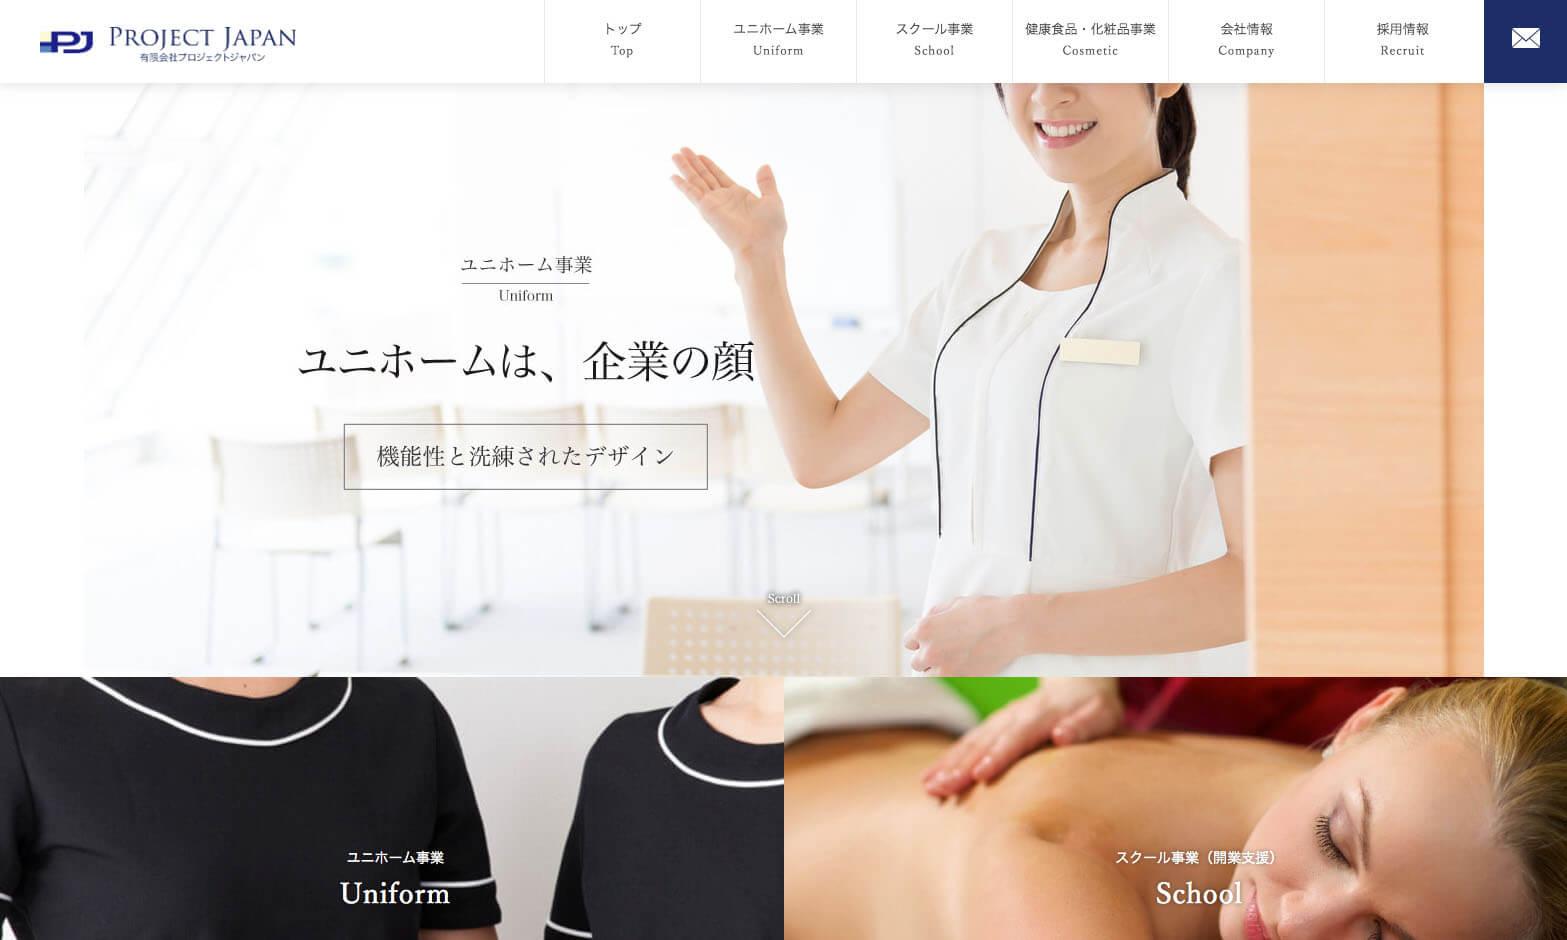 有限会社プロジェクトジャパン